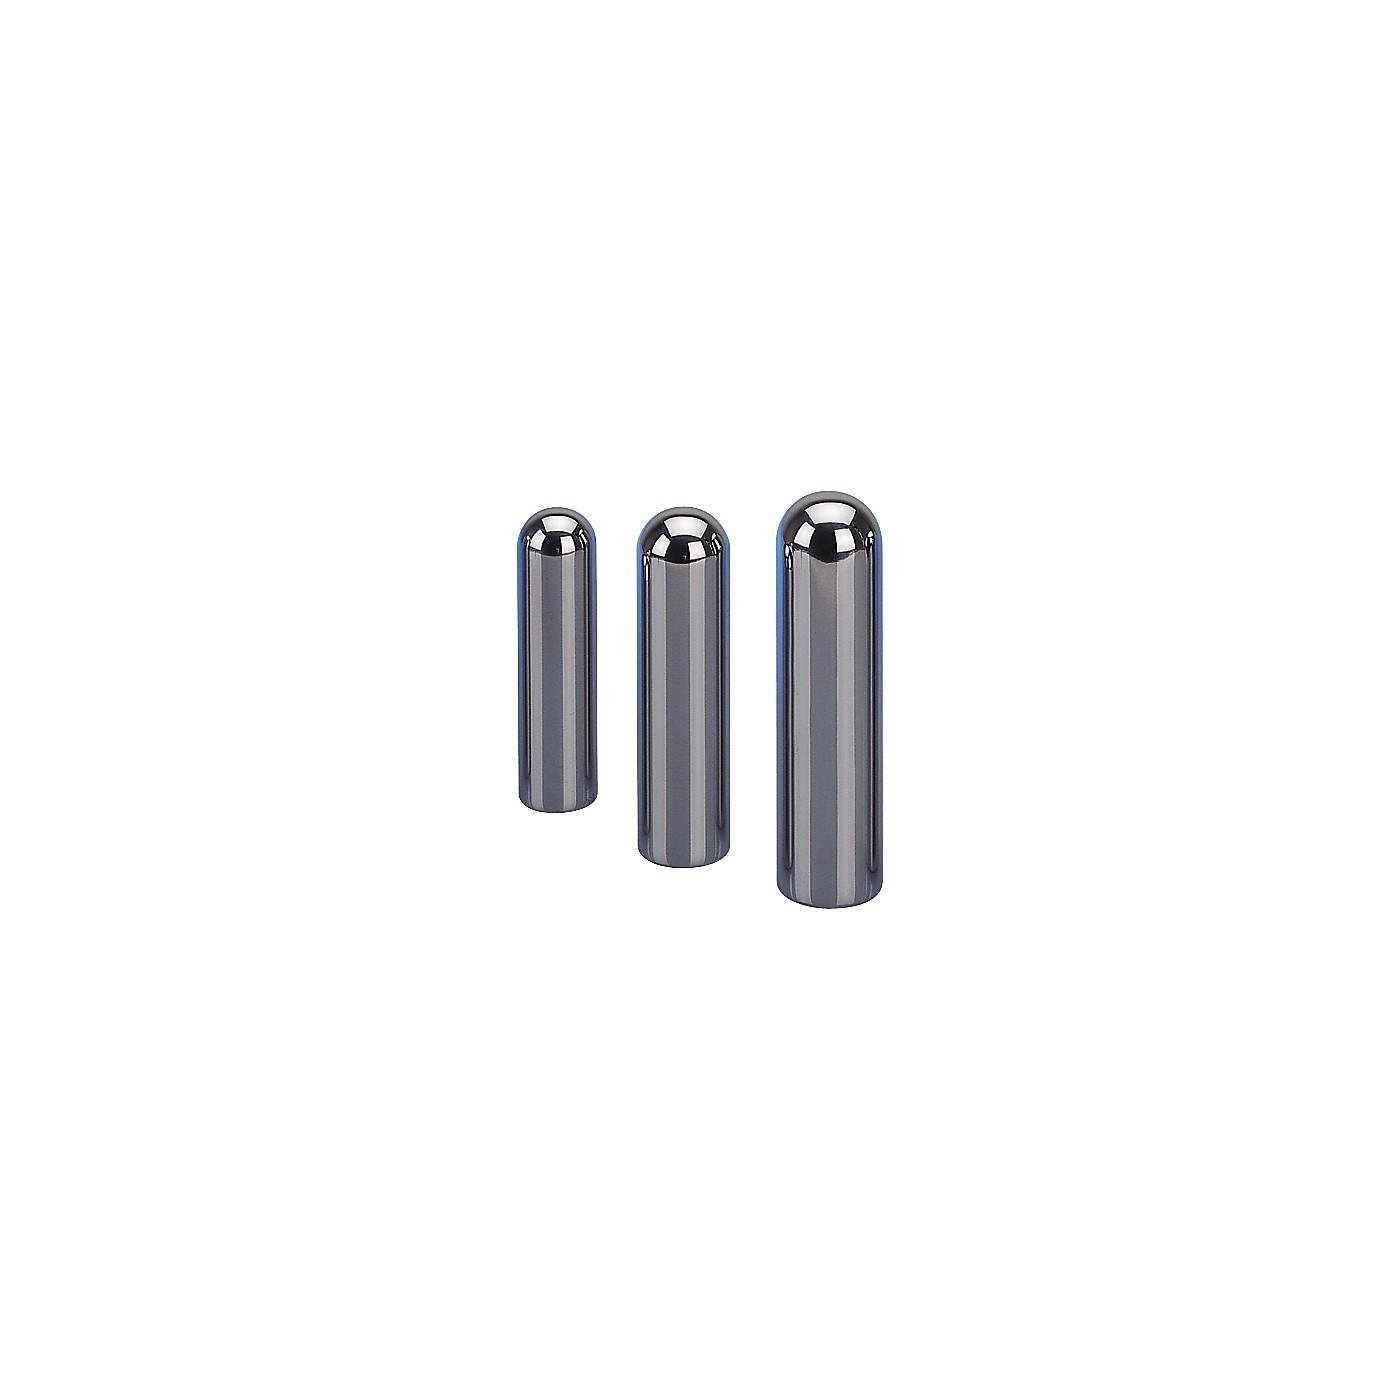 Dunlop Stainless Steel Pro Tonebar thumbnail